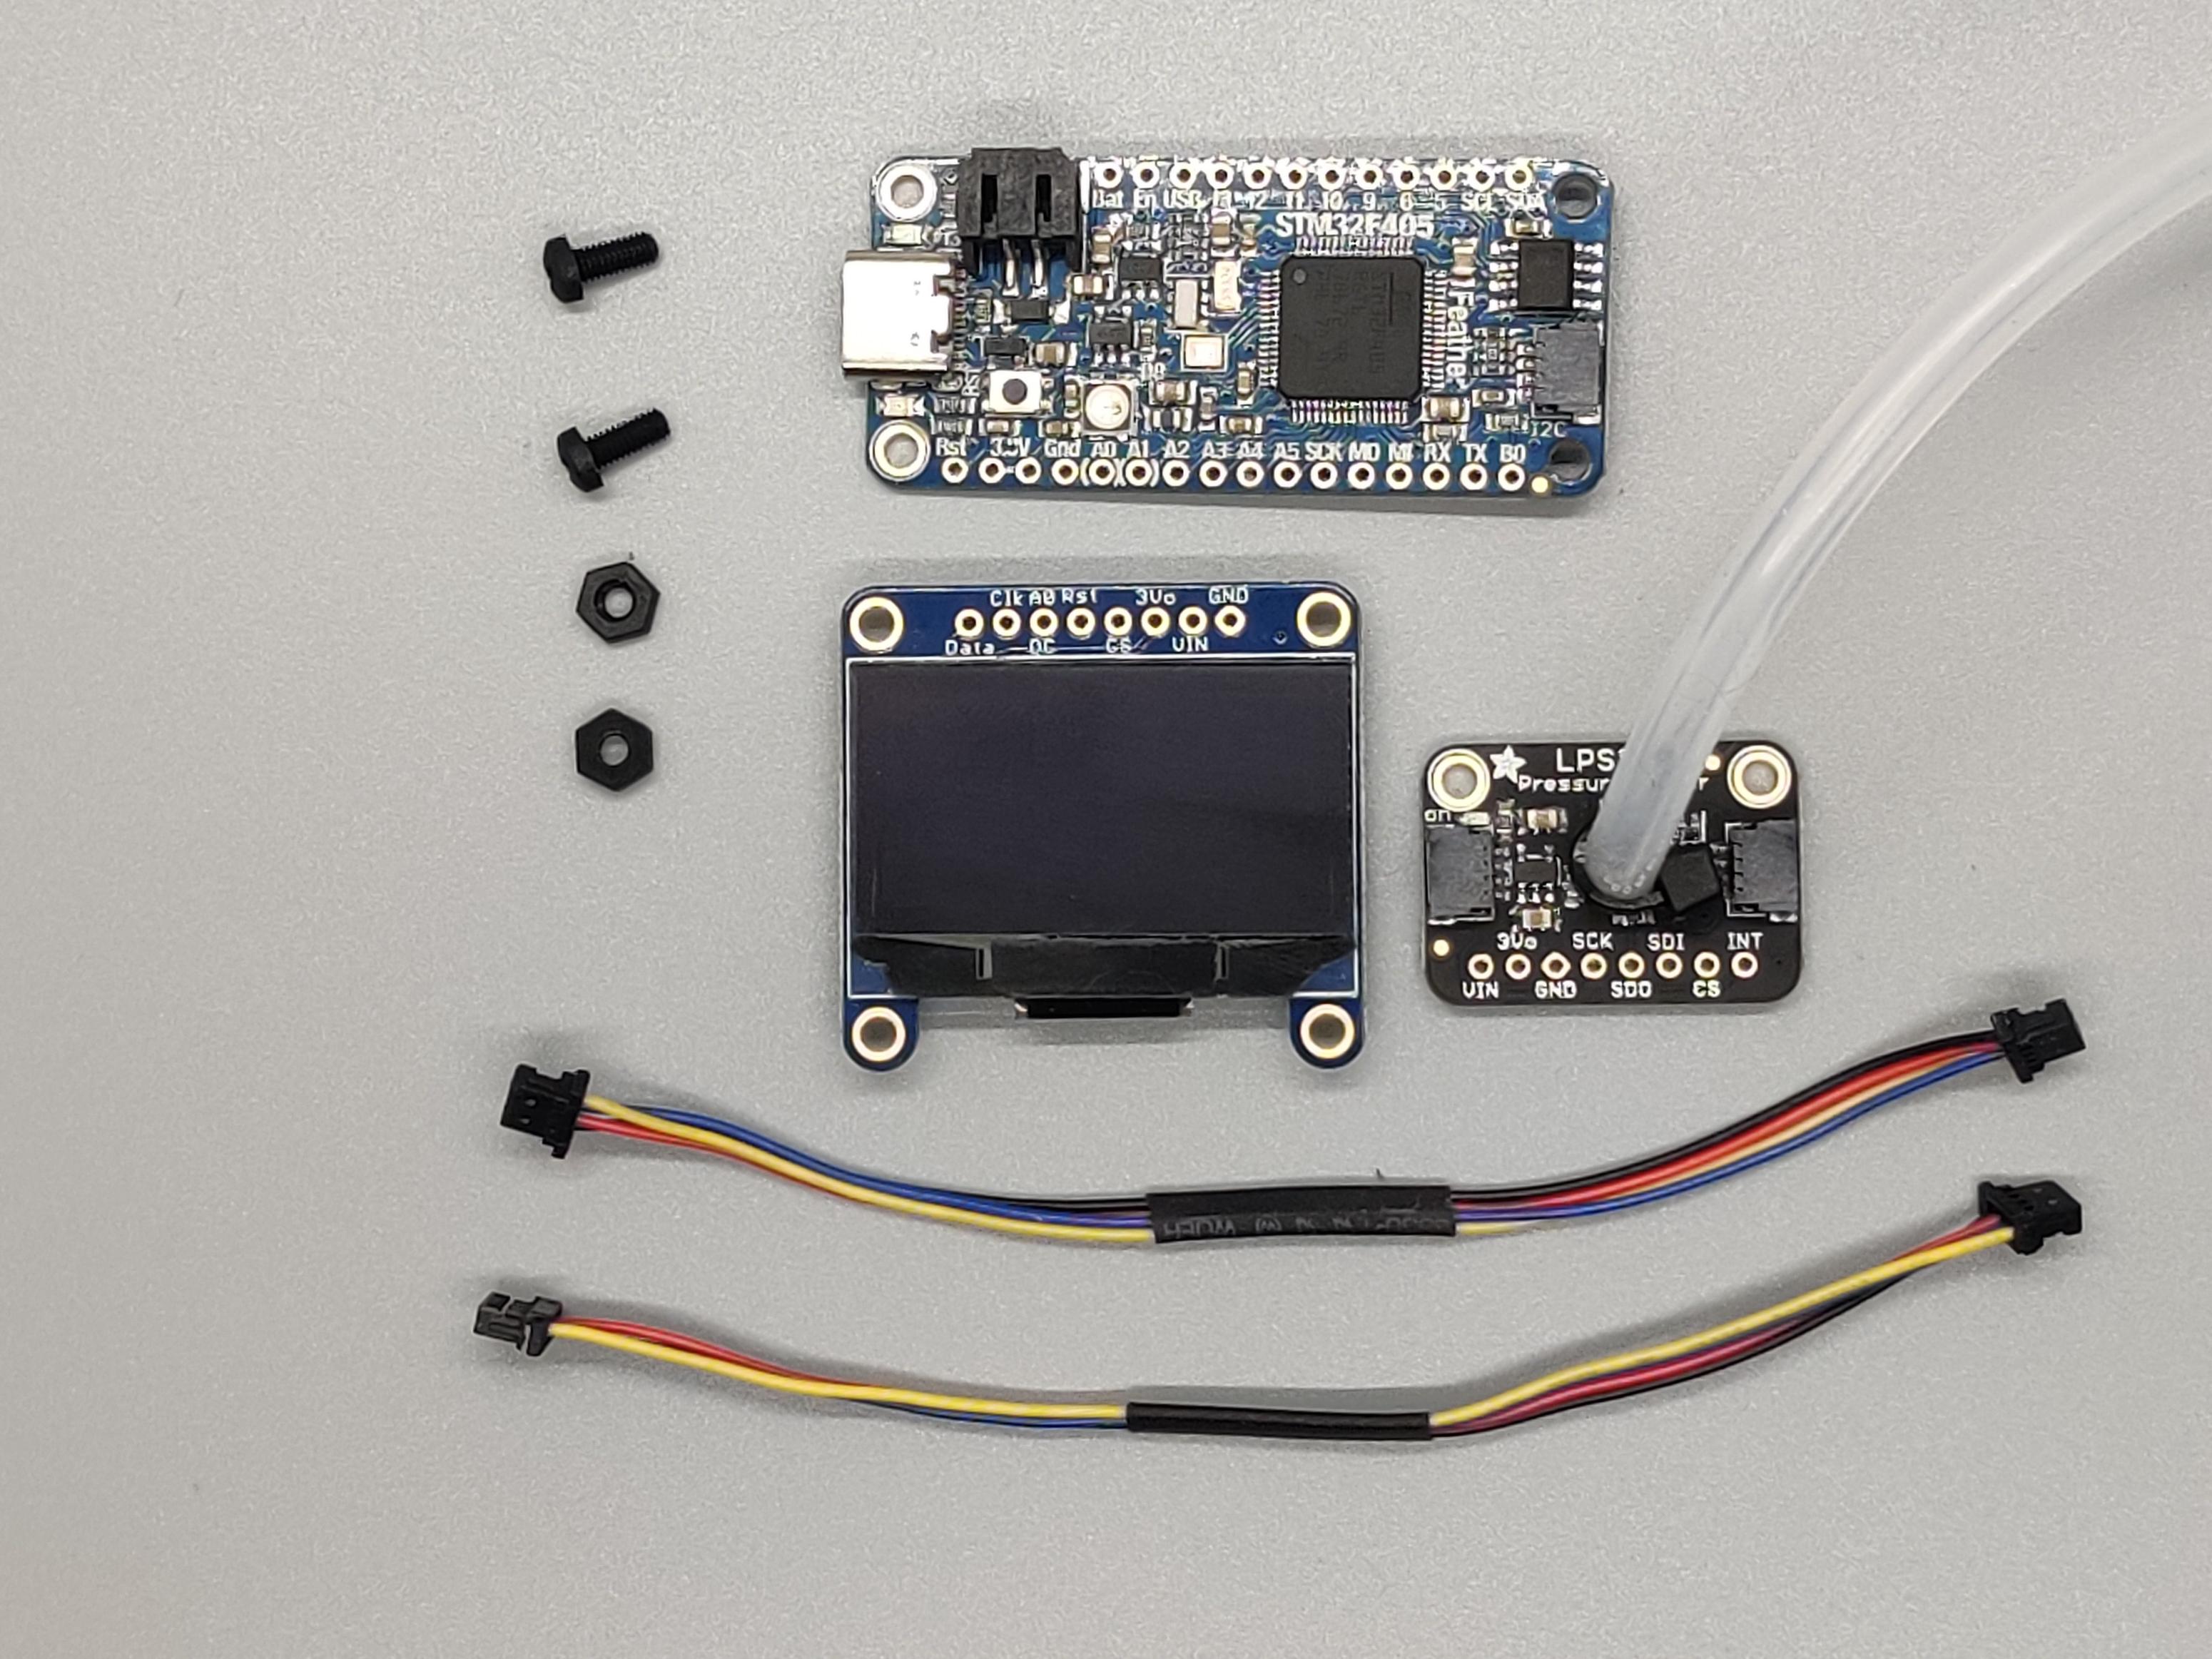 sensors_IMG_20200211_154014-2.jpg